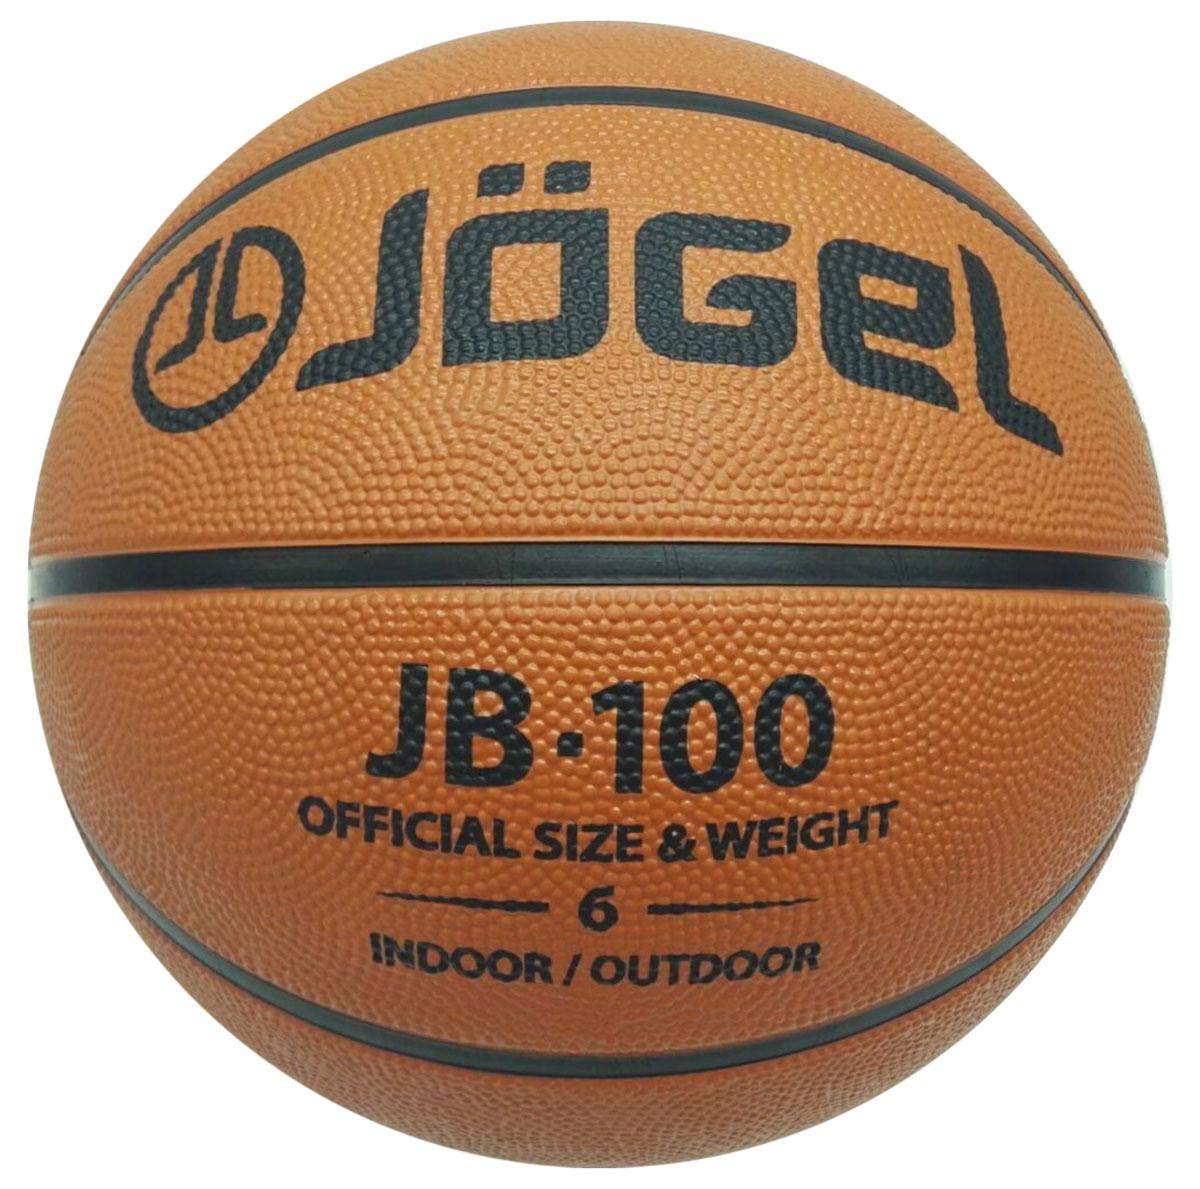 Мяч баскетбольный Jogel, цвет: коричневый. Размер 6. JB-100УТ-00009270Название: Мяч баскетбольный Jgel JB-100 №6 Уровень: Тренировочный мяч Категория: INDOOR/OUTDOOR Описание: Jogel JB-100 №6 это классический резиновый баскетбольный мяч, самая популярная модель для уличного баскетбола, учебных заведений и СДЮШ. Поверхность мяча выполнена из износостойкой резины, благодаря чему данным мячом можно играть практически на любой поверхности, как на улице, так и в зале. Благодаря технологии DeepChannel (глубокие каналы), используемой при производстве мячей Jogel, достигается лучший контроля мяча во время броска и дриблинга. Размер №6 предназначается для женщин и юношей от 12 до 16 лет. Данный мяч рекомендован для любительской игры, тренировок любительских команд и команд среднего уровня. Данный мяч прекрасно подходит для поставок на гос. тендеры, образовательные учреждения и спортивные секции. Официальный размер и вес FIBA. Рекомендованные покрытия: Паркет, резина, бетон, асфальт Материал поверхности: Износостойкая резина Материал камеры: Бутил Тип...